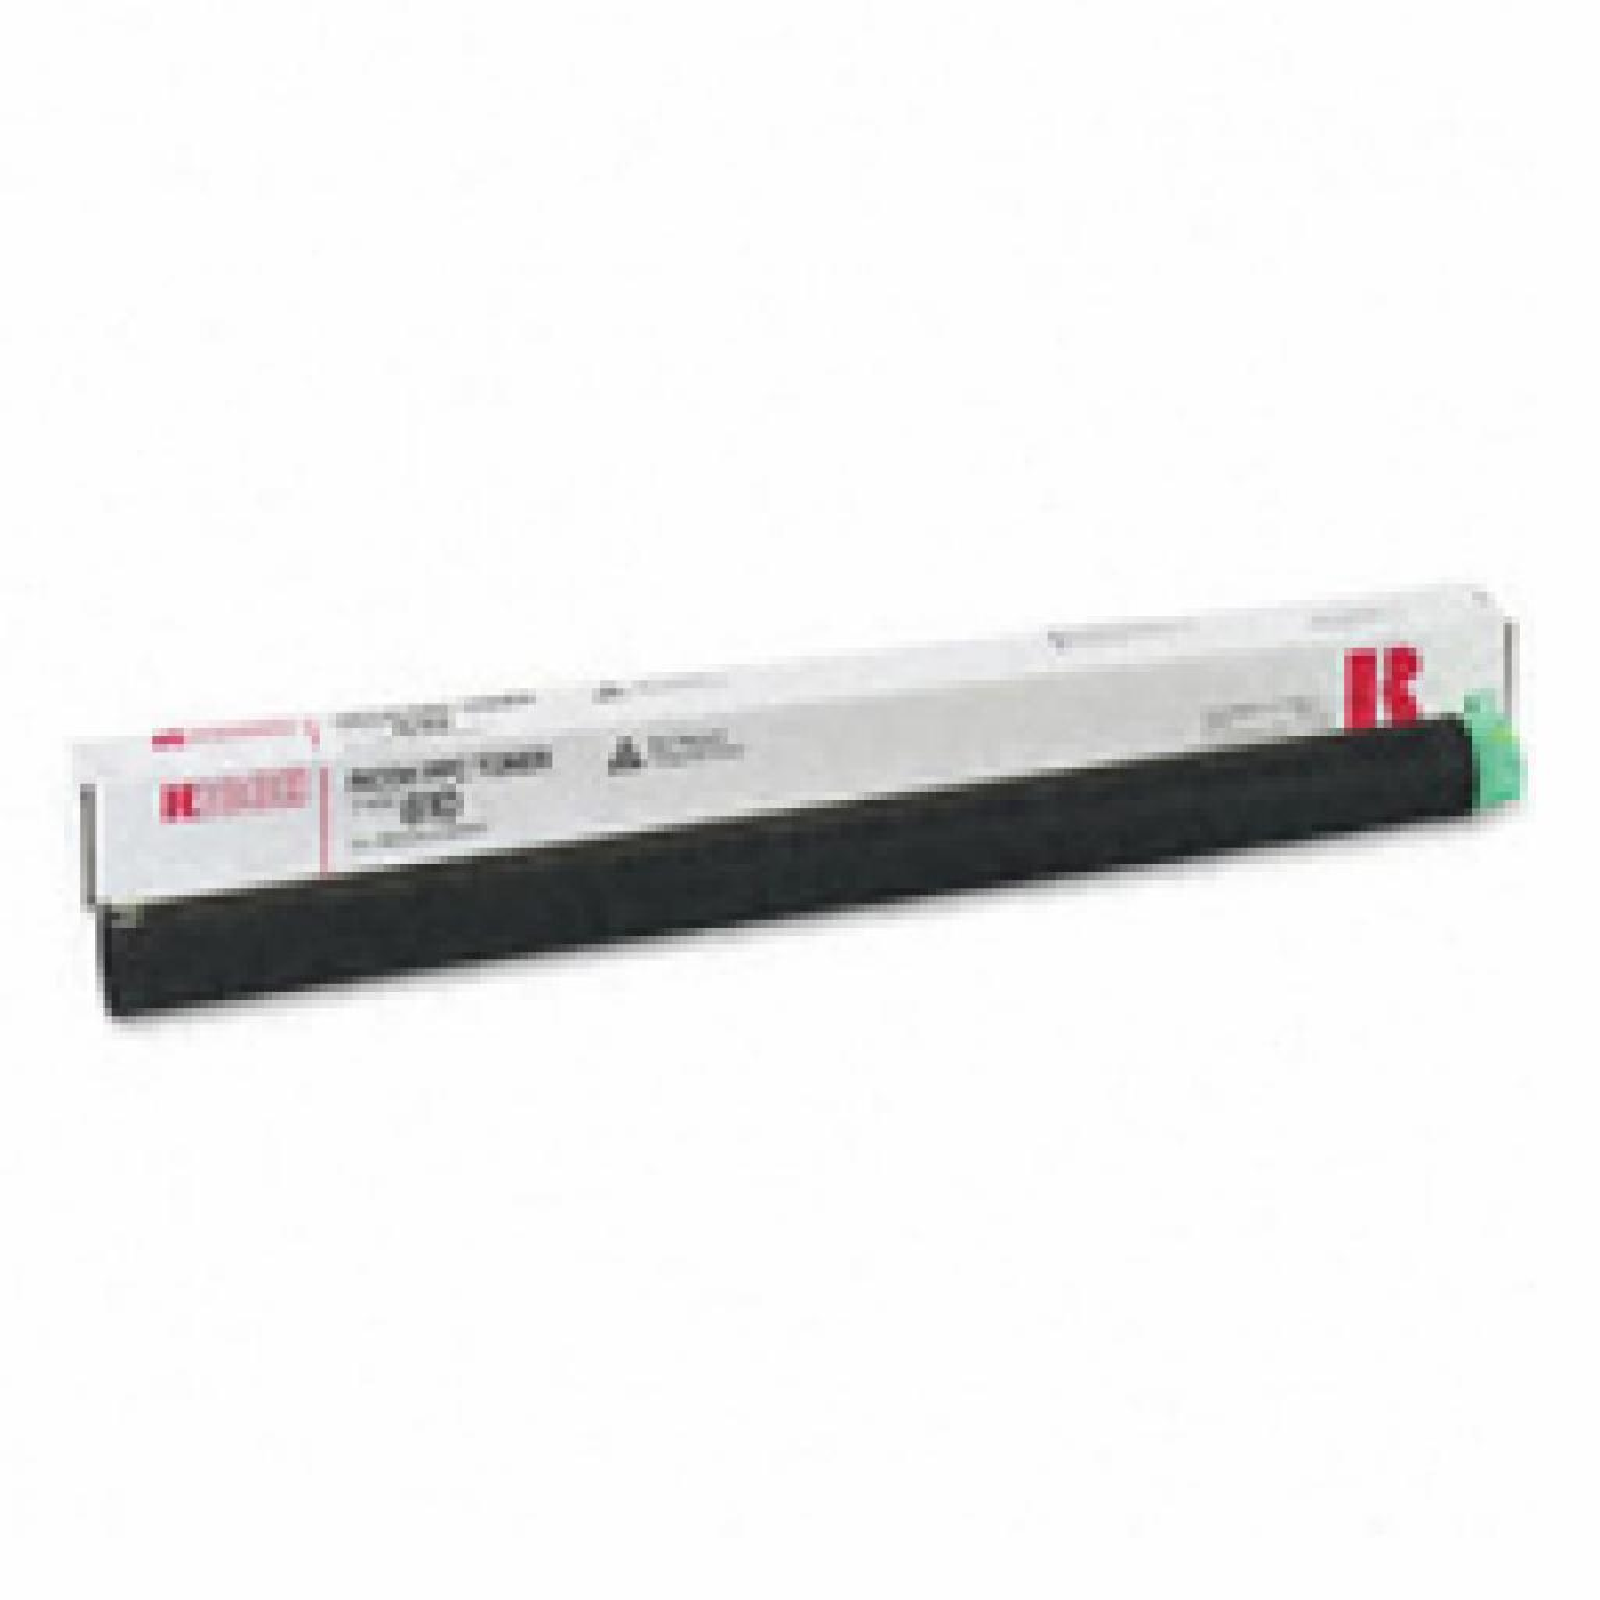 Тонер тип 800/810 Ricoh (887447)